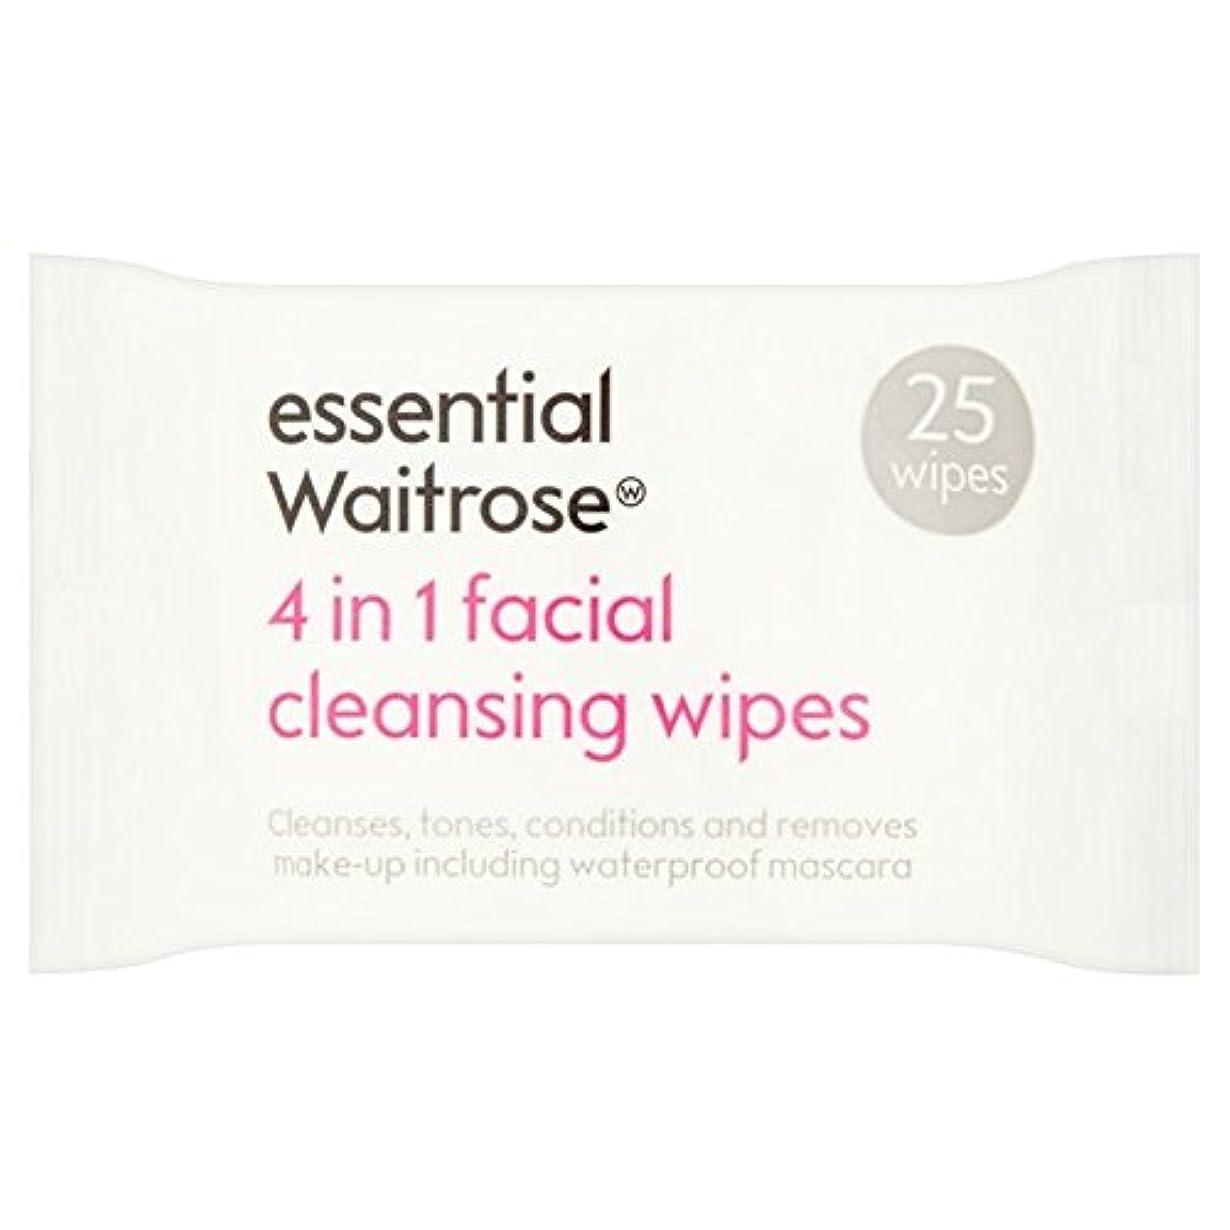 協会魔術師うまくやる()3 1での顔のワイプパックあたり不可欠ウェイトローズ25 x2 - 3 in 1 Facial Wipes essential Waitrose 25 per pack (Pack of 2) [並行輸入品]